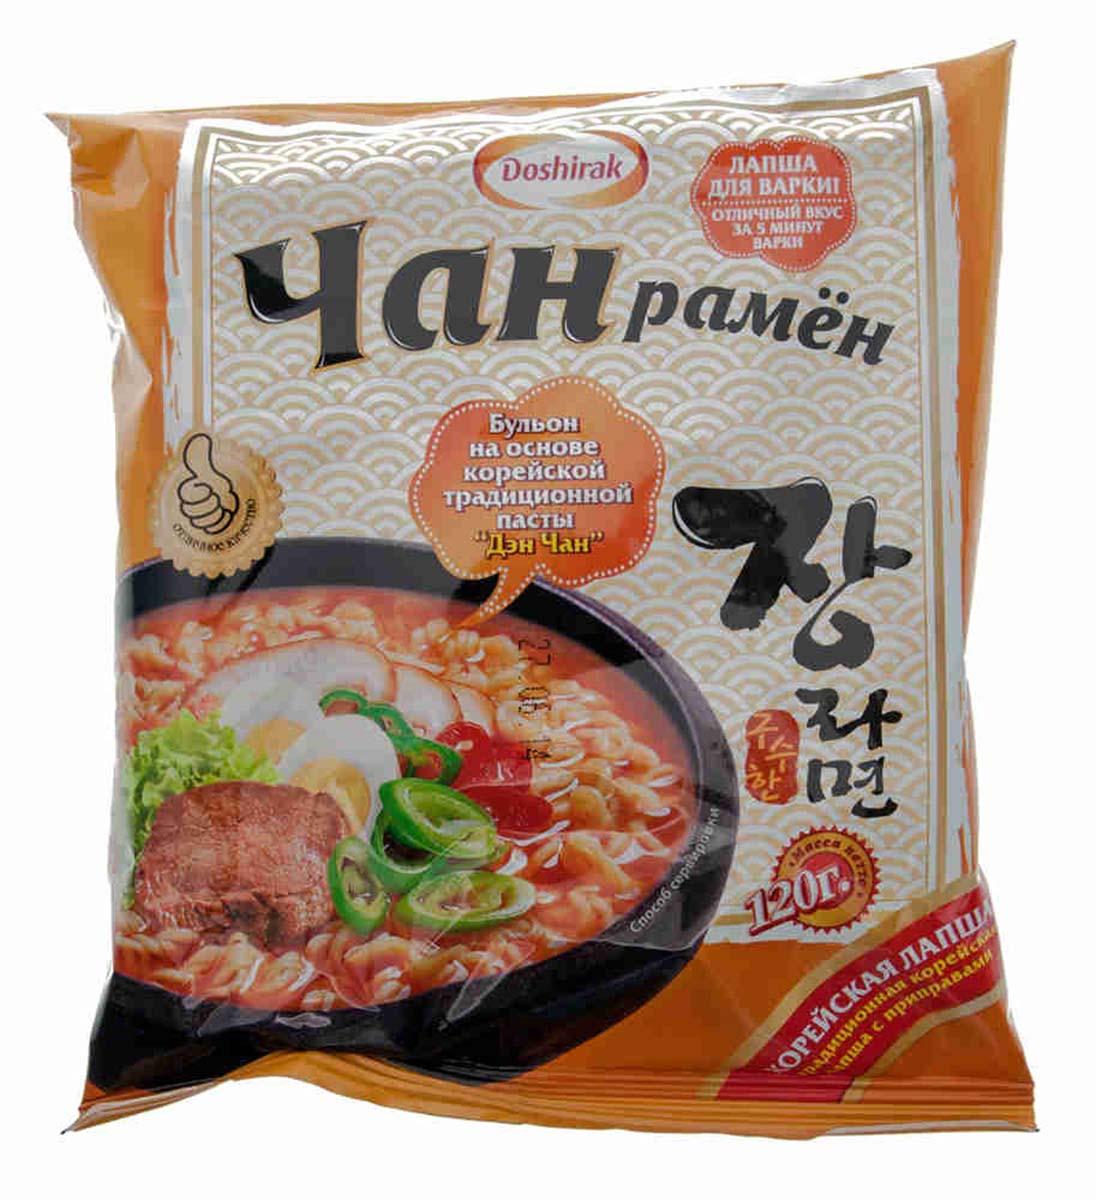 Doshirak Чан рамен лапша быстрого приготовления со вкусом говядины, 120 г